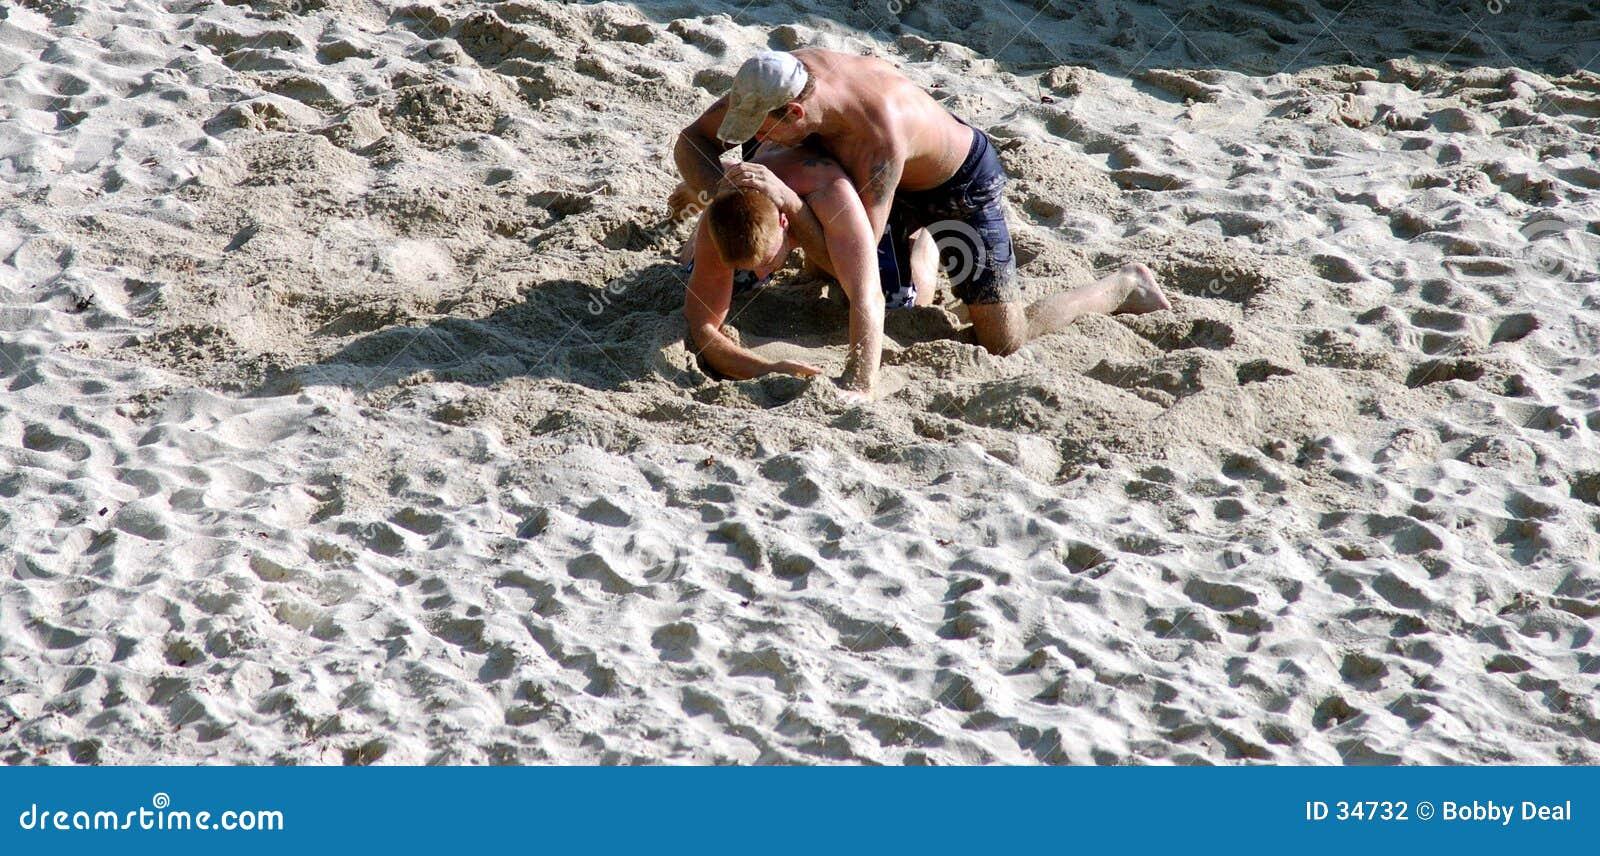 Luchadores de la arena